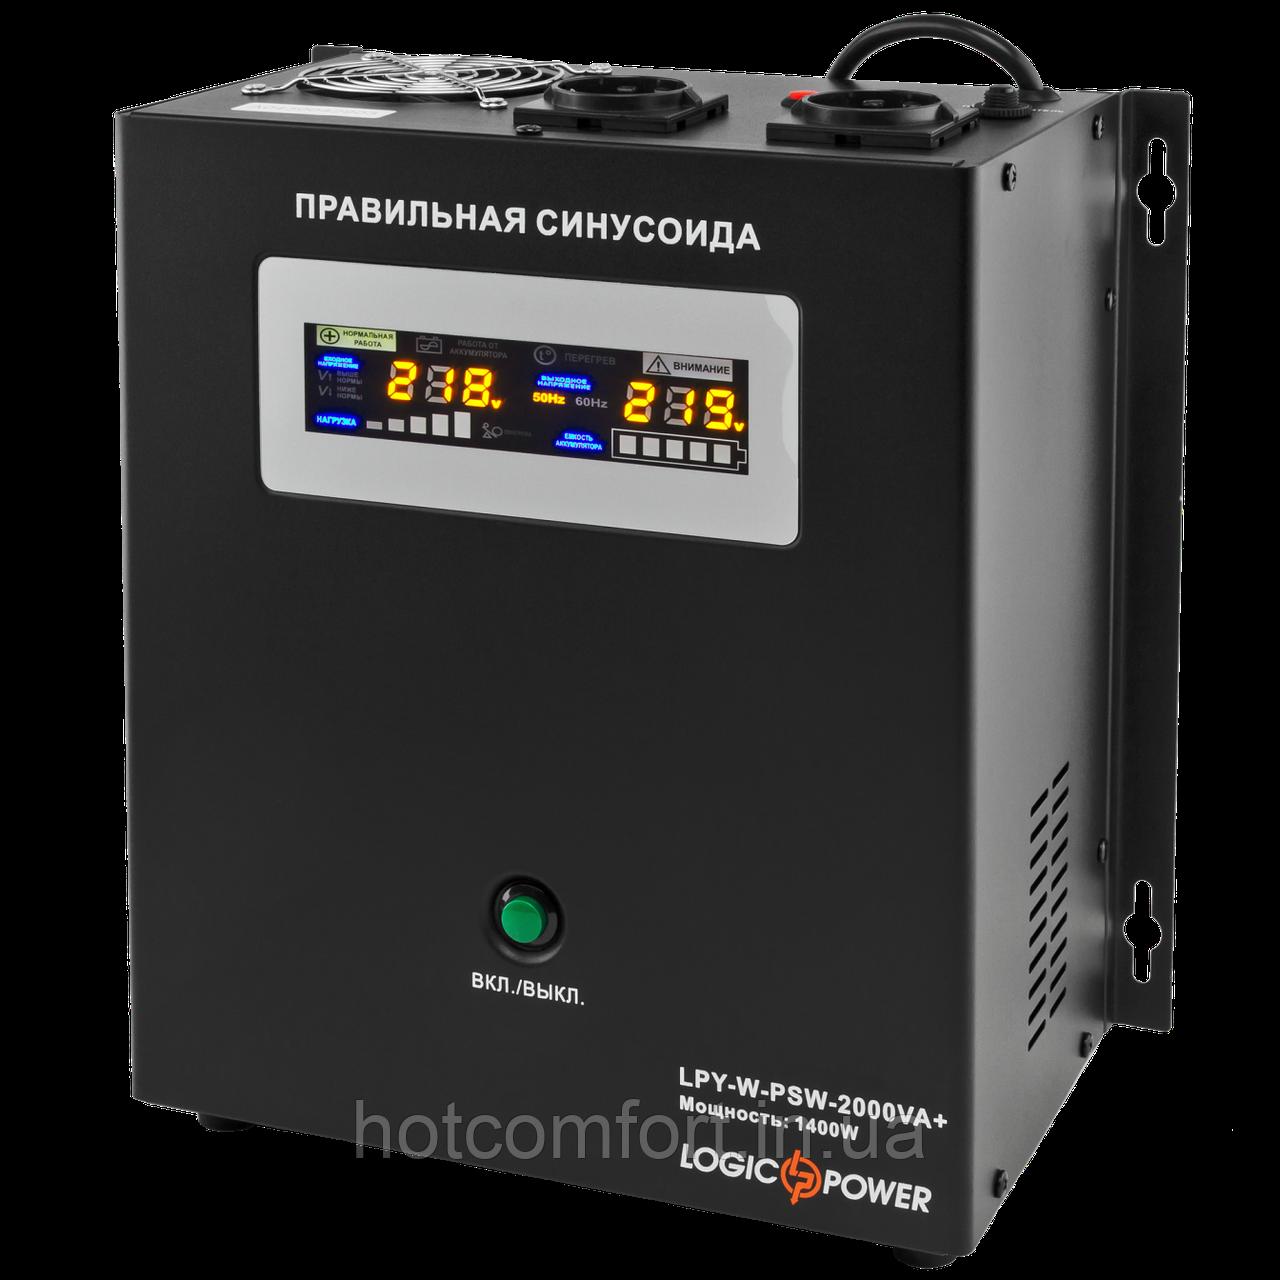 Logicpower LPY-W-PSW-2000VA+ (1400W) 10A/20A 24V